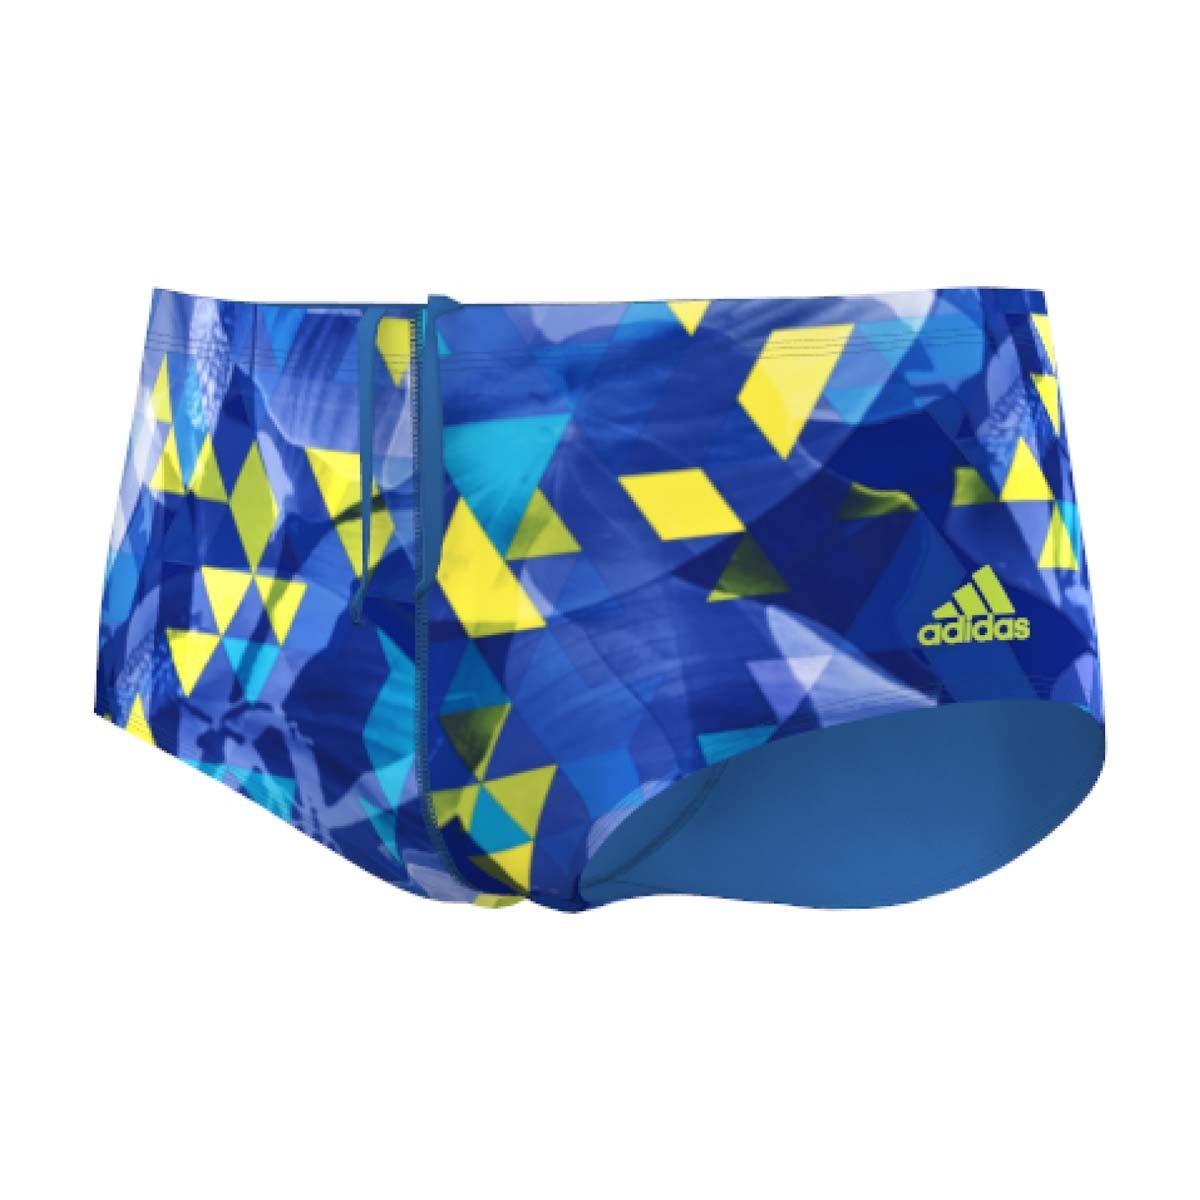 Venta caliente 2019 cupón de descuento gran descuento para adidas Xtreme Graphic Sunga Men's Swimming Shorts: Amazon.co.uk ...